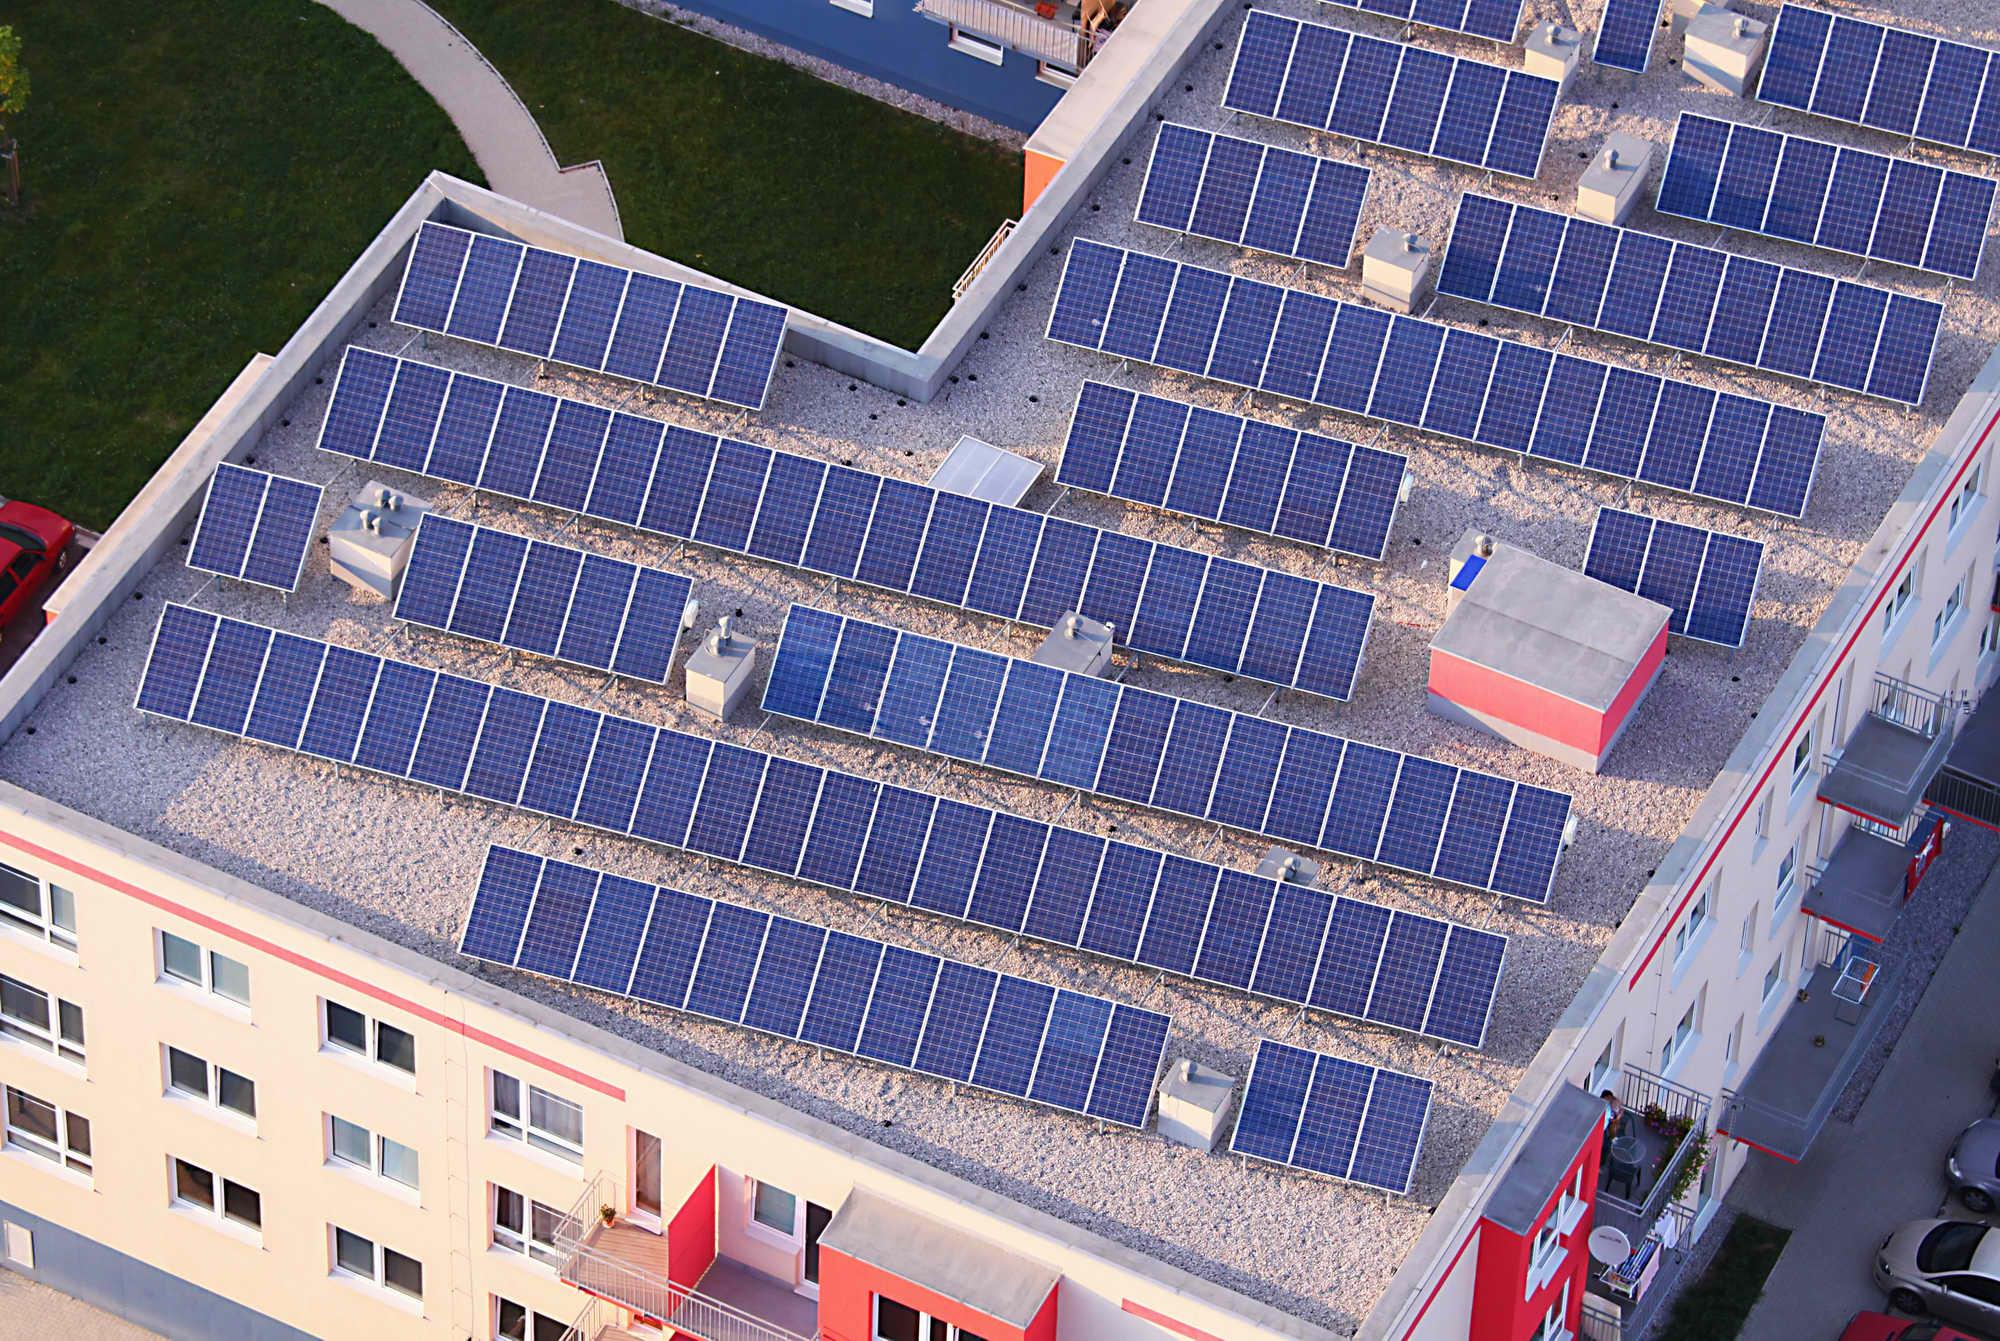 ecobonus 110 fotovoltaico solare cappotto pompa di calore procedura